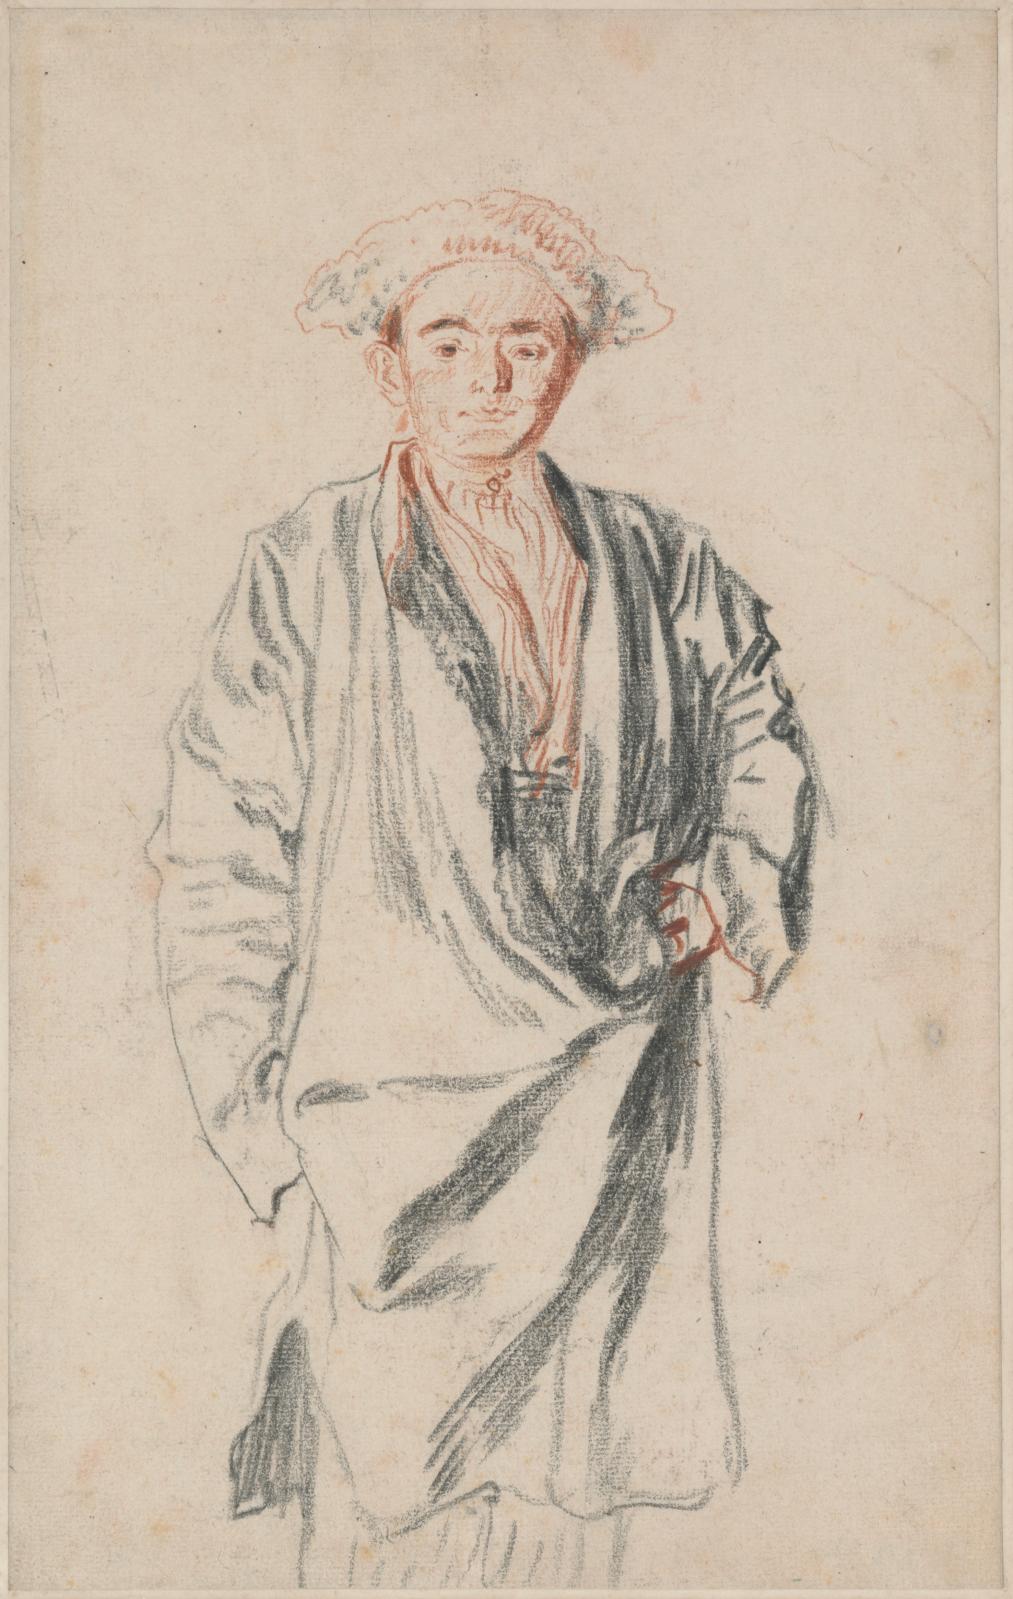 Antoine Watteau (1684-1721), Homme en pied (Persan), 1715, sanguine et pierre noire, 32 x 20,1 cm. Fondation Custodia, collection Frits Lu